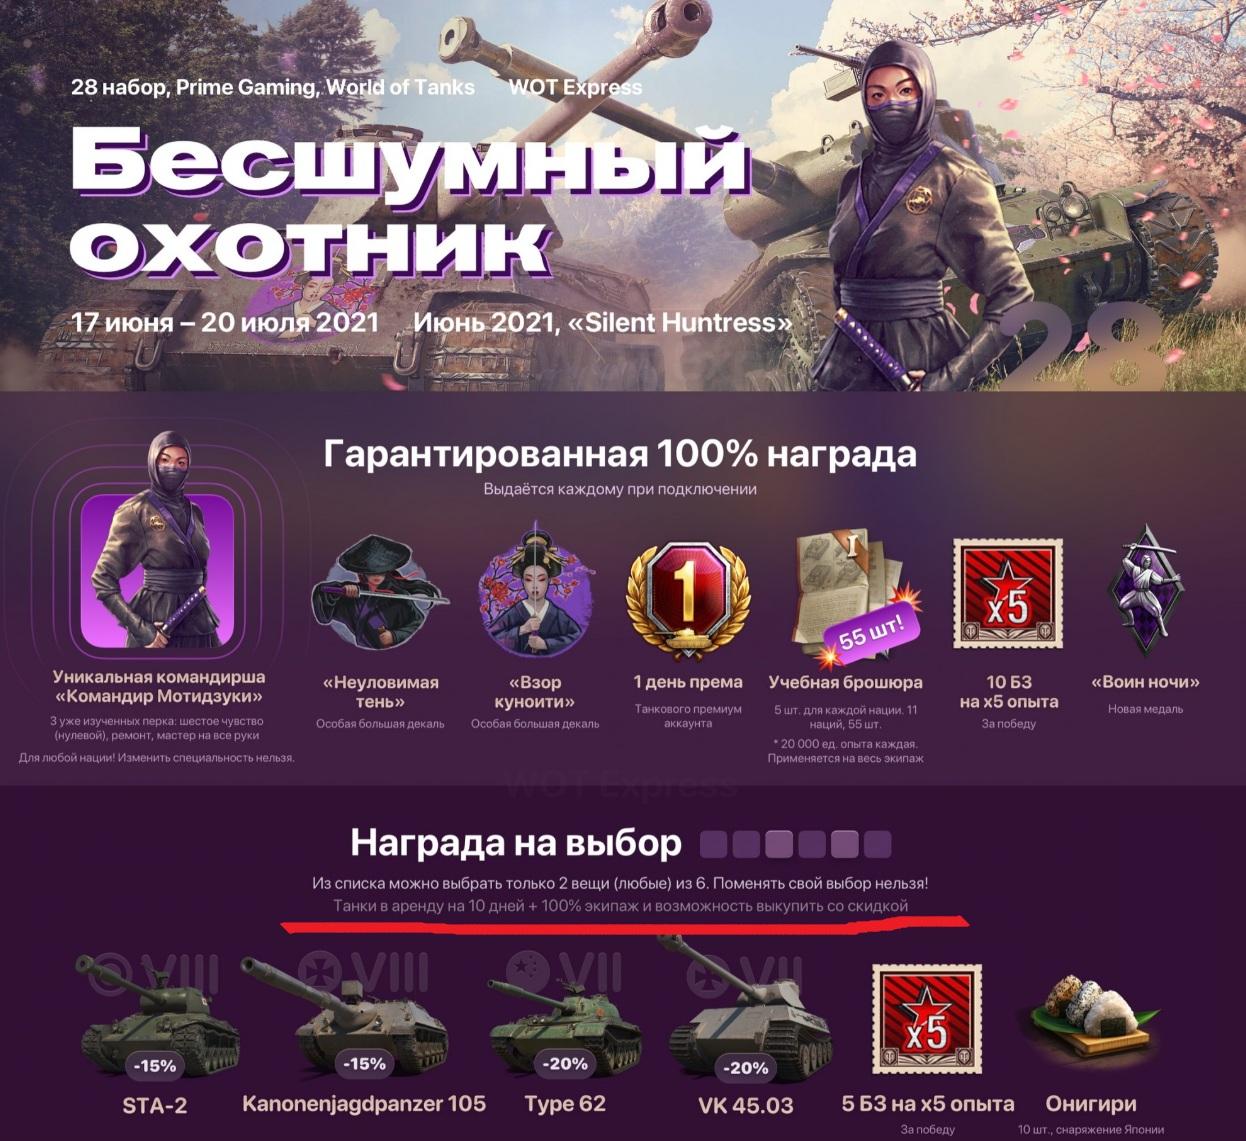 Фотография танк-рок! + бесшумный охотник(без tiger)